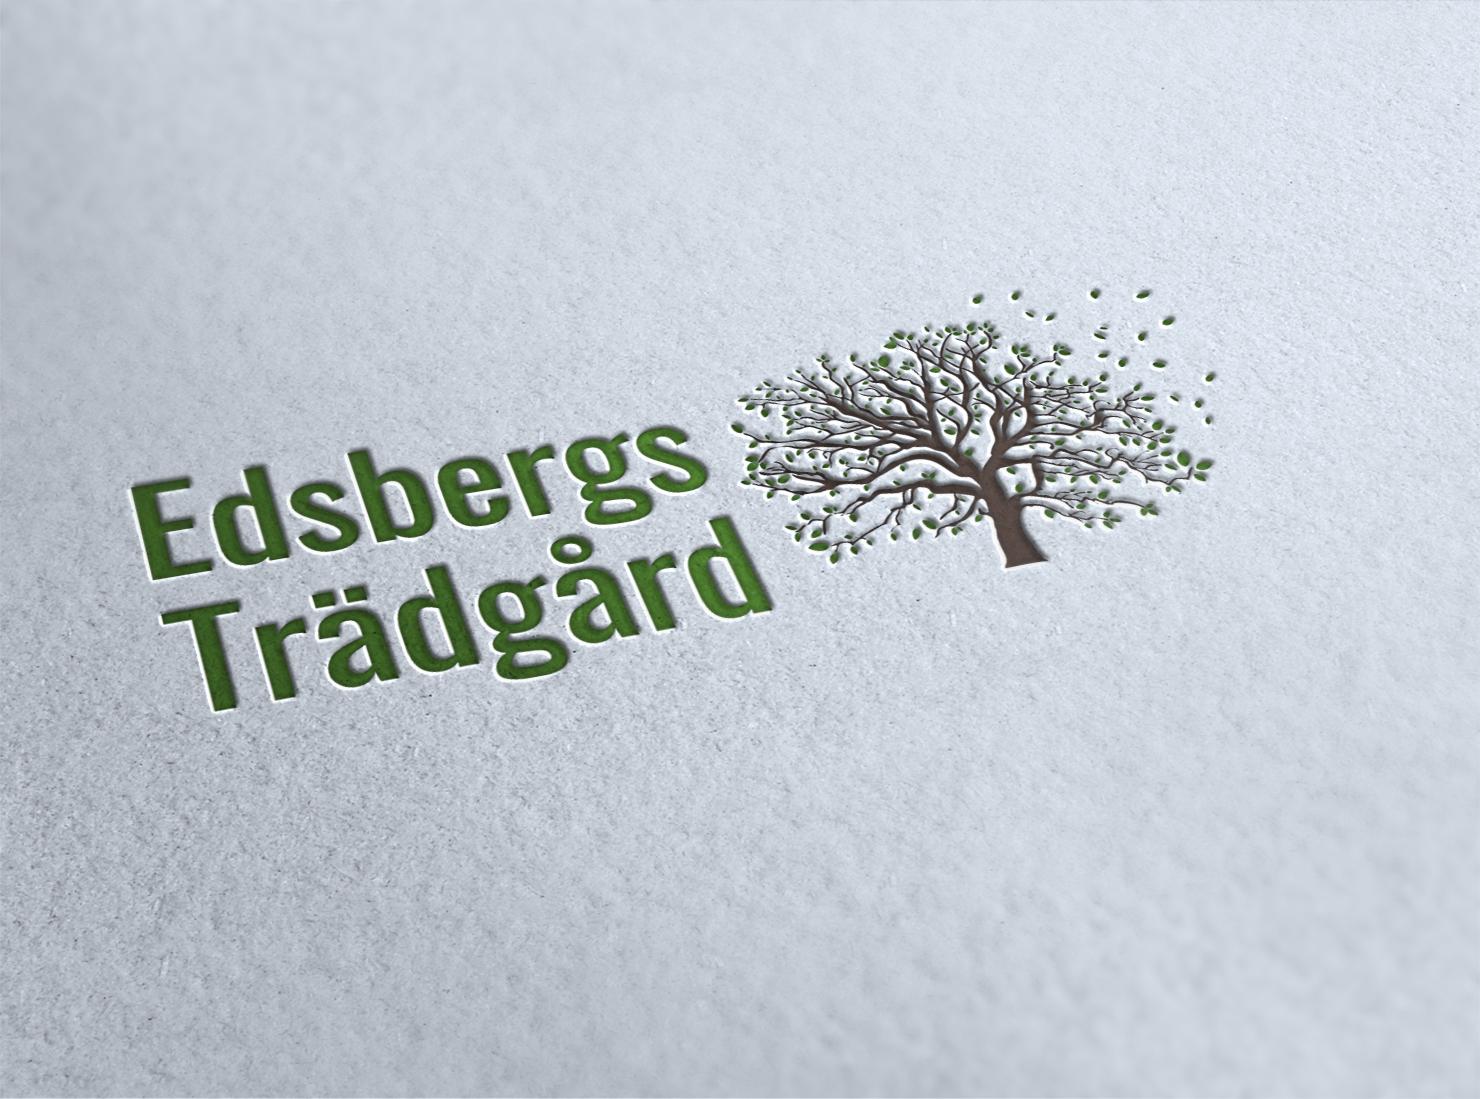 Edsbergs Trädgård